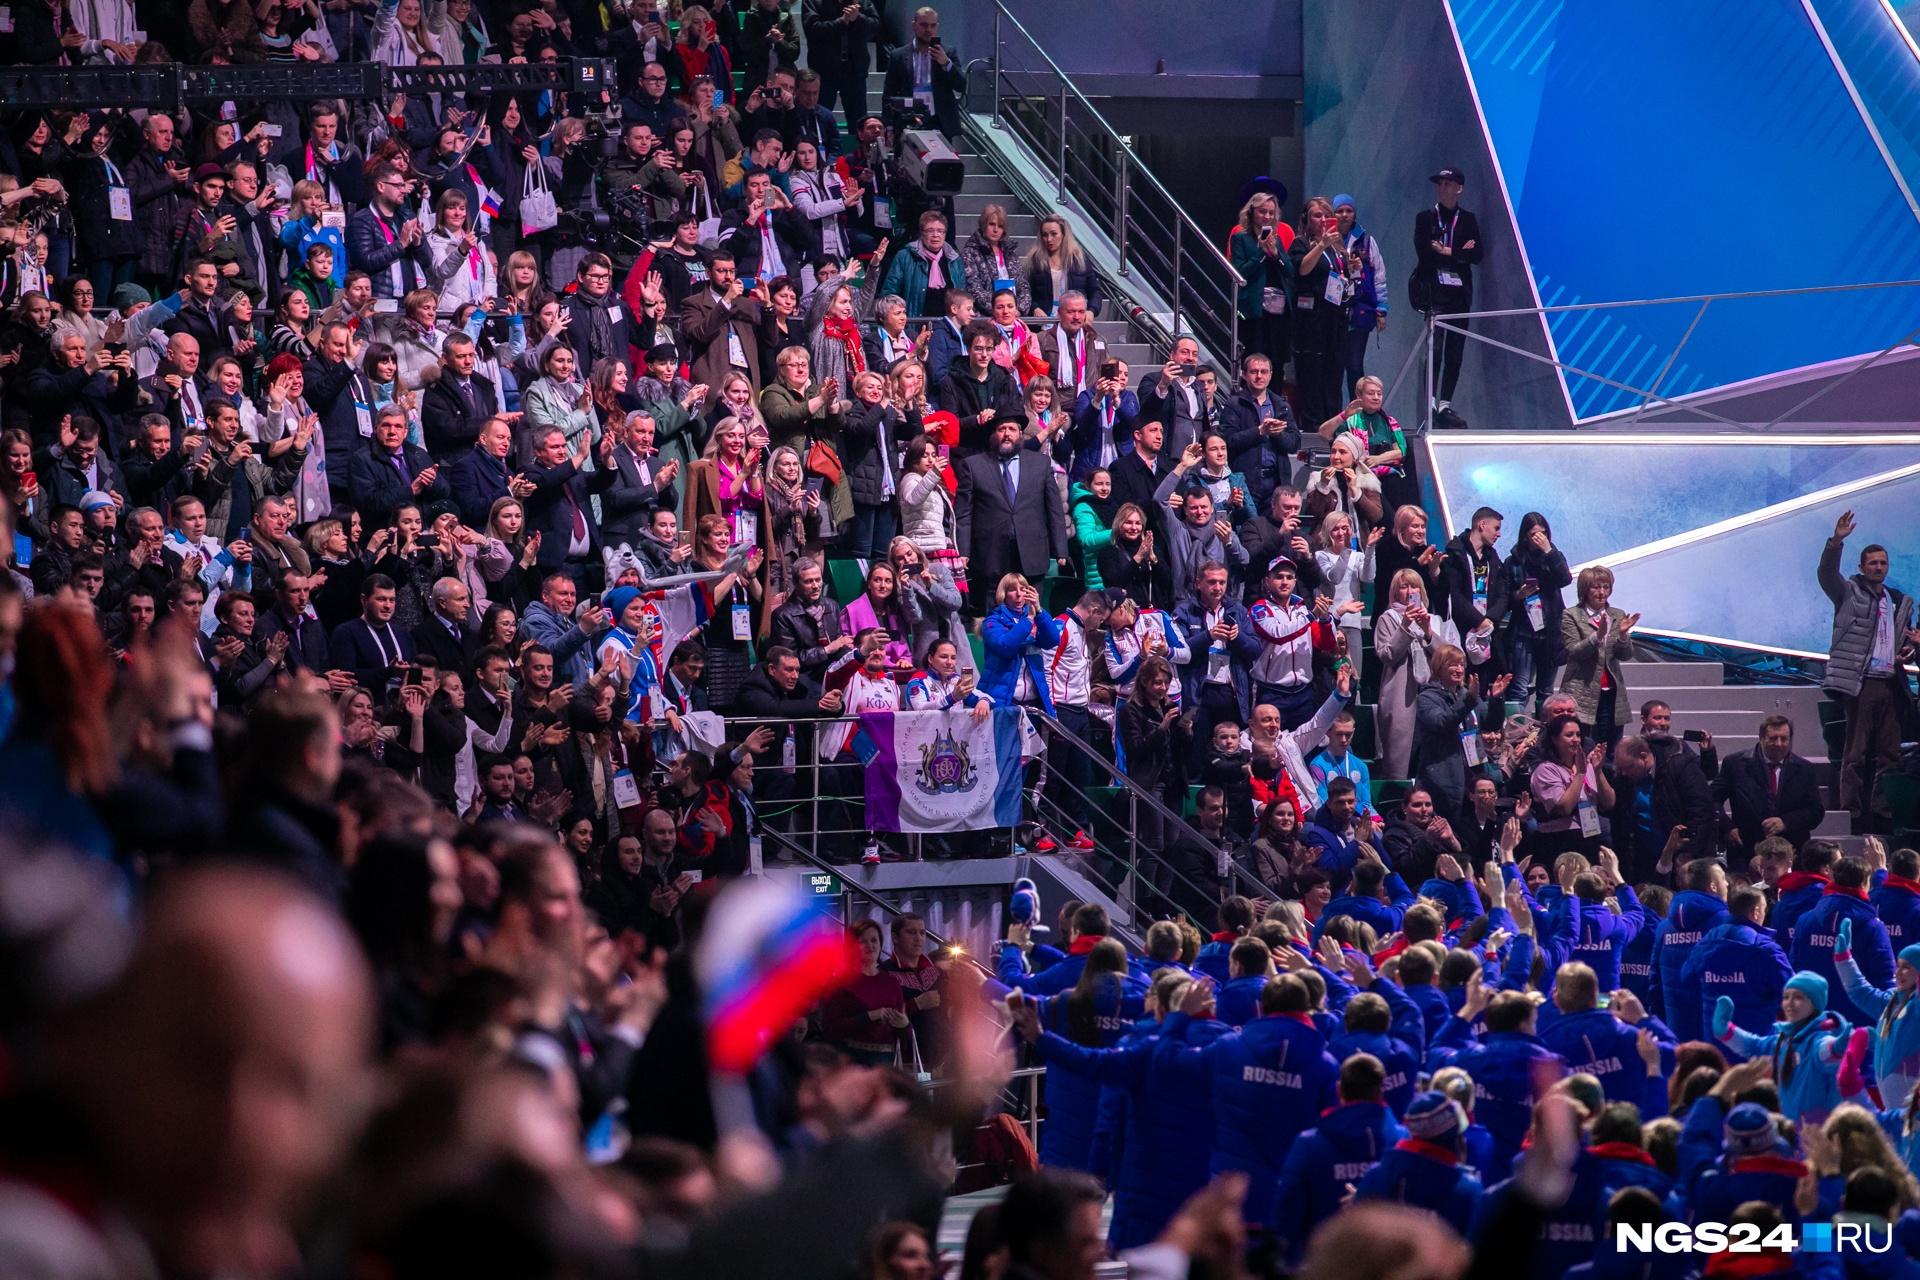 Свободных мест в 7-тысячной построенной к Играм «Платинум Арене» не было